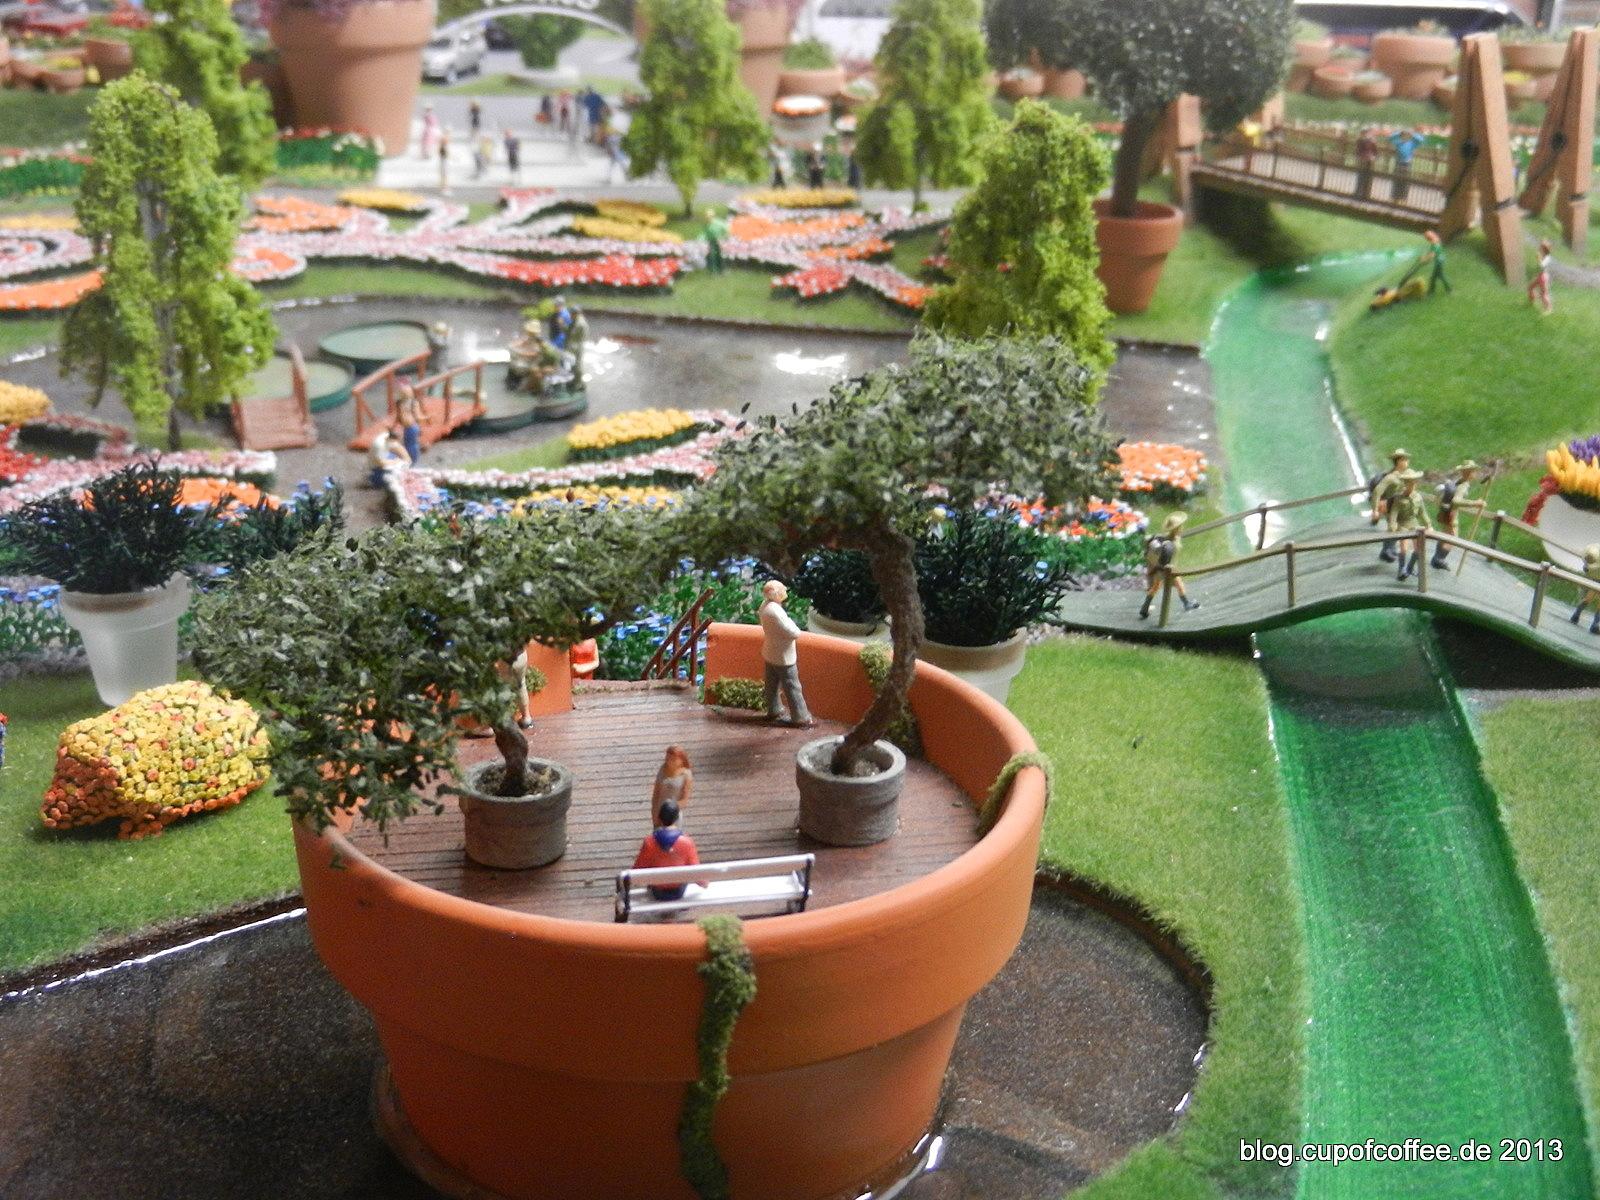 Hier werden viele Elemente aus dem großen Gartenbau verwendet.